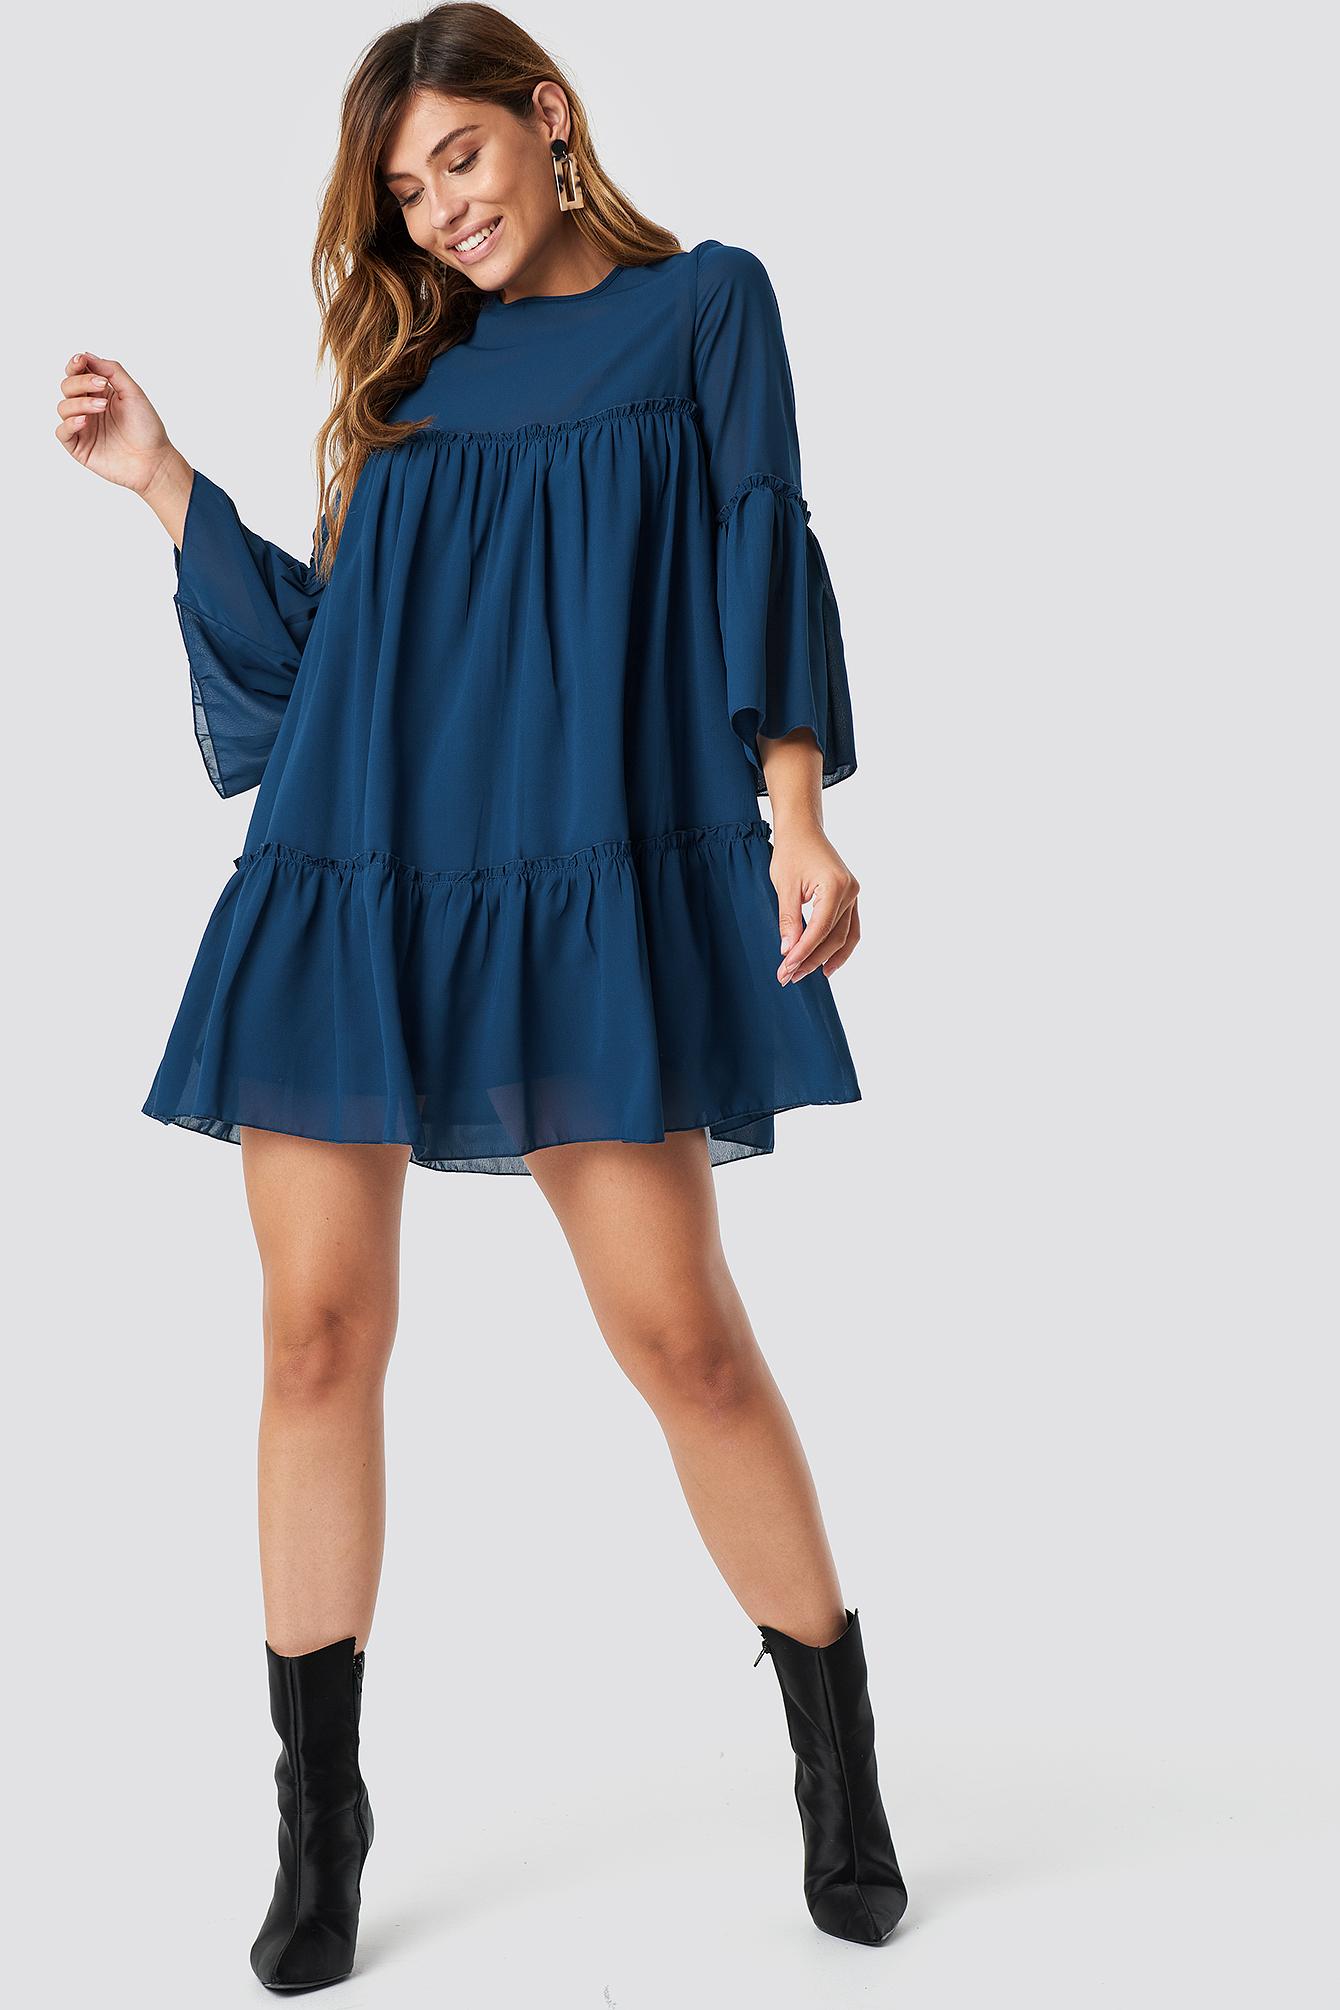 Chiffon kleid mit plissee armeln - Stylische Kleider für ...